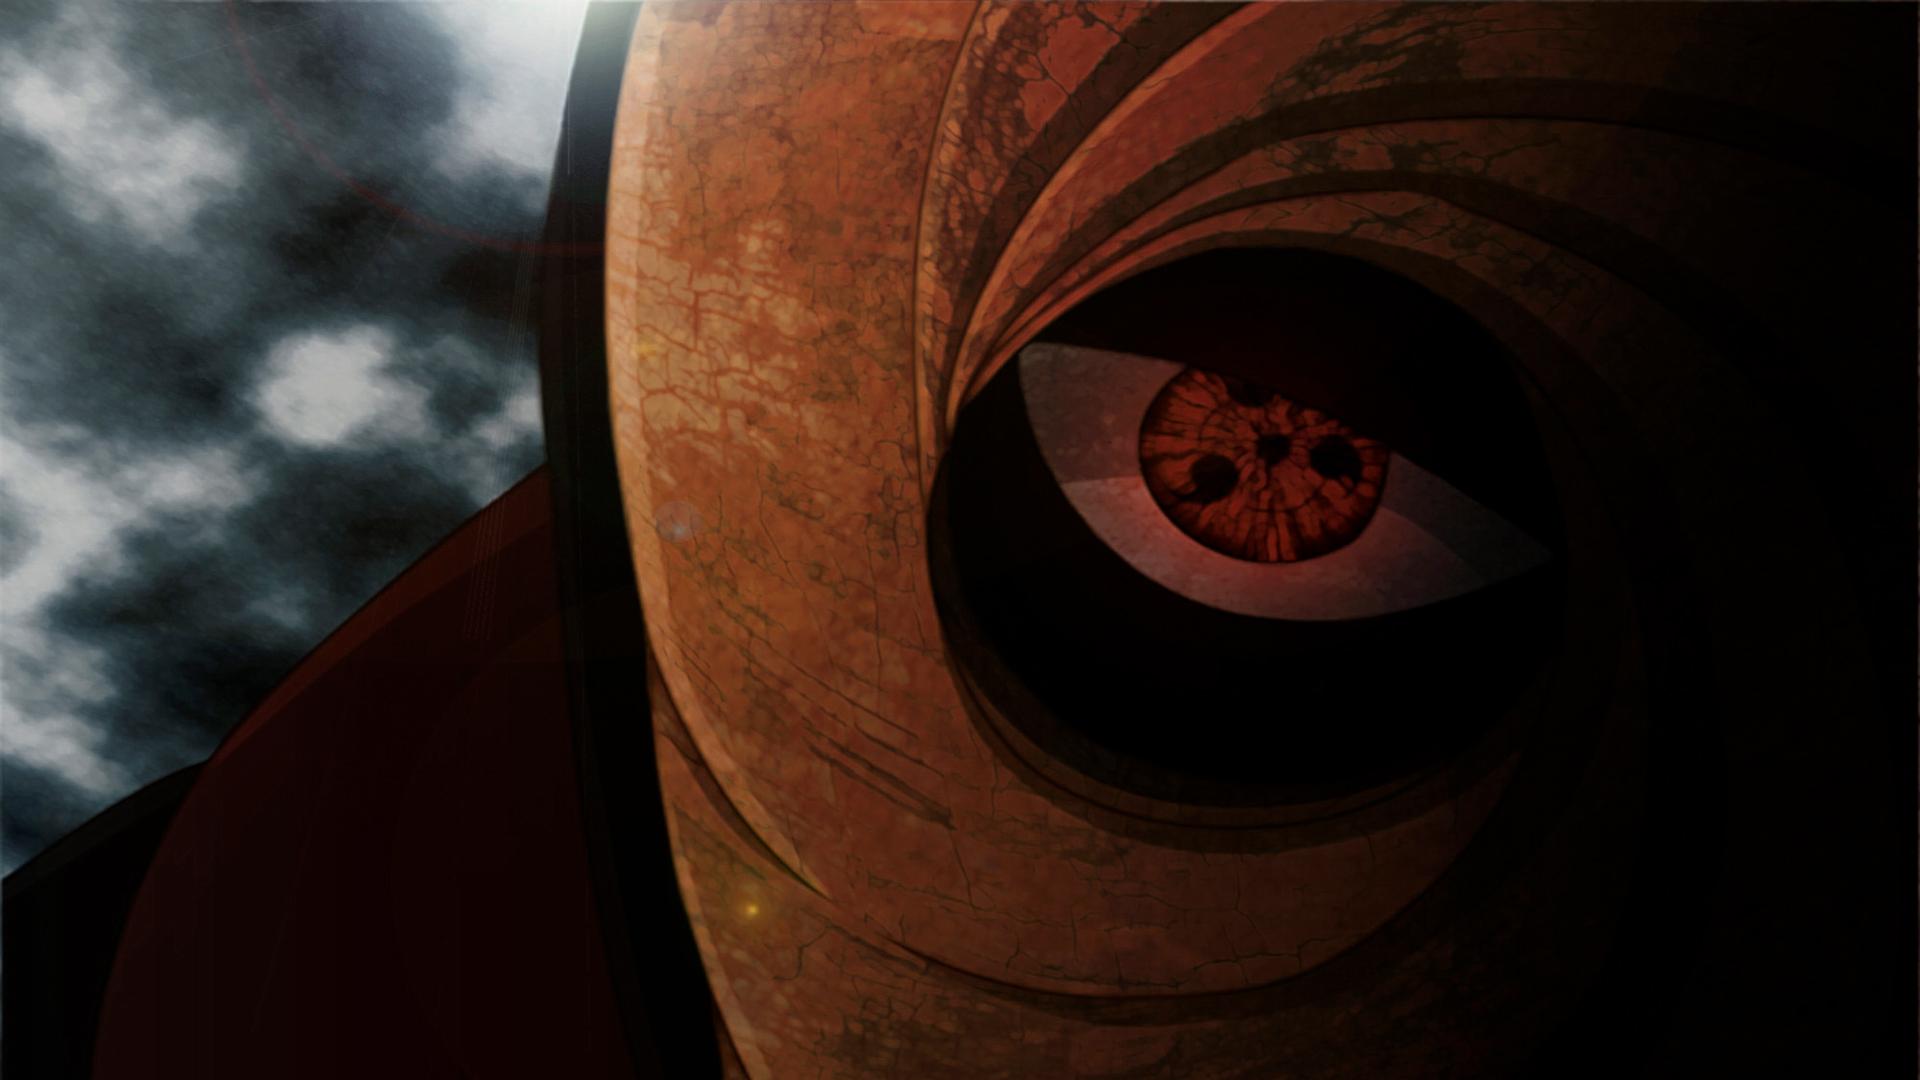 Obito Tobi Mask Sharingan Eyes Uchiha Anime Hd